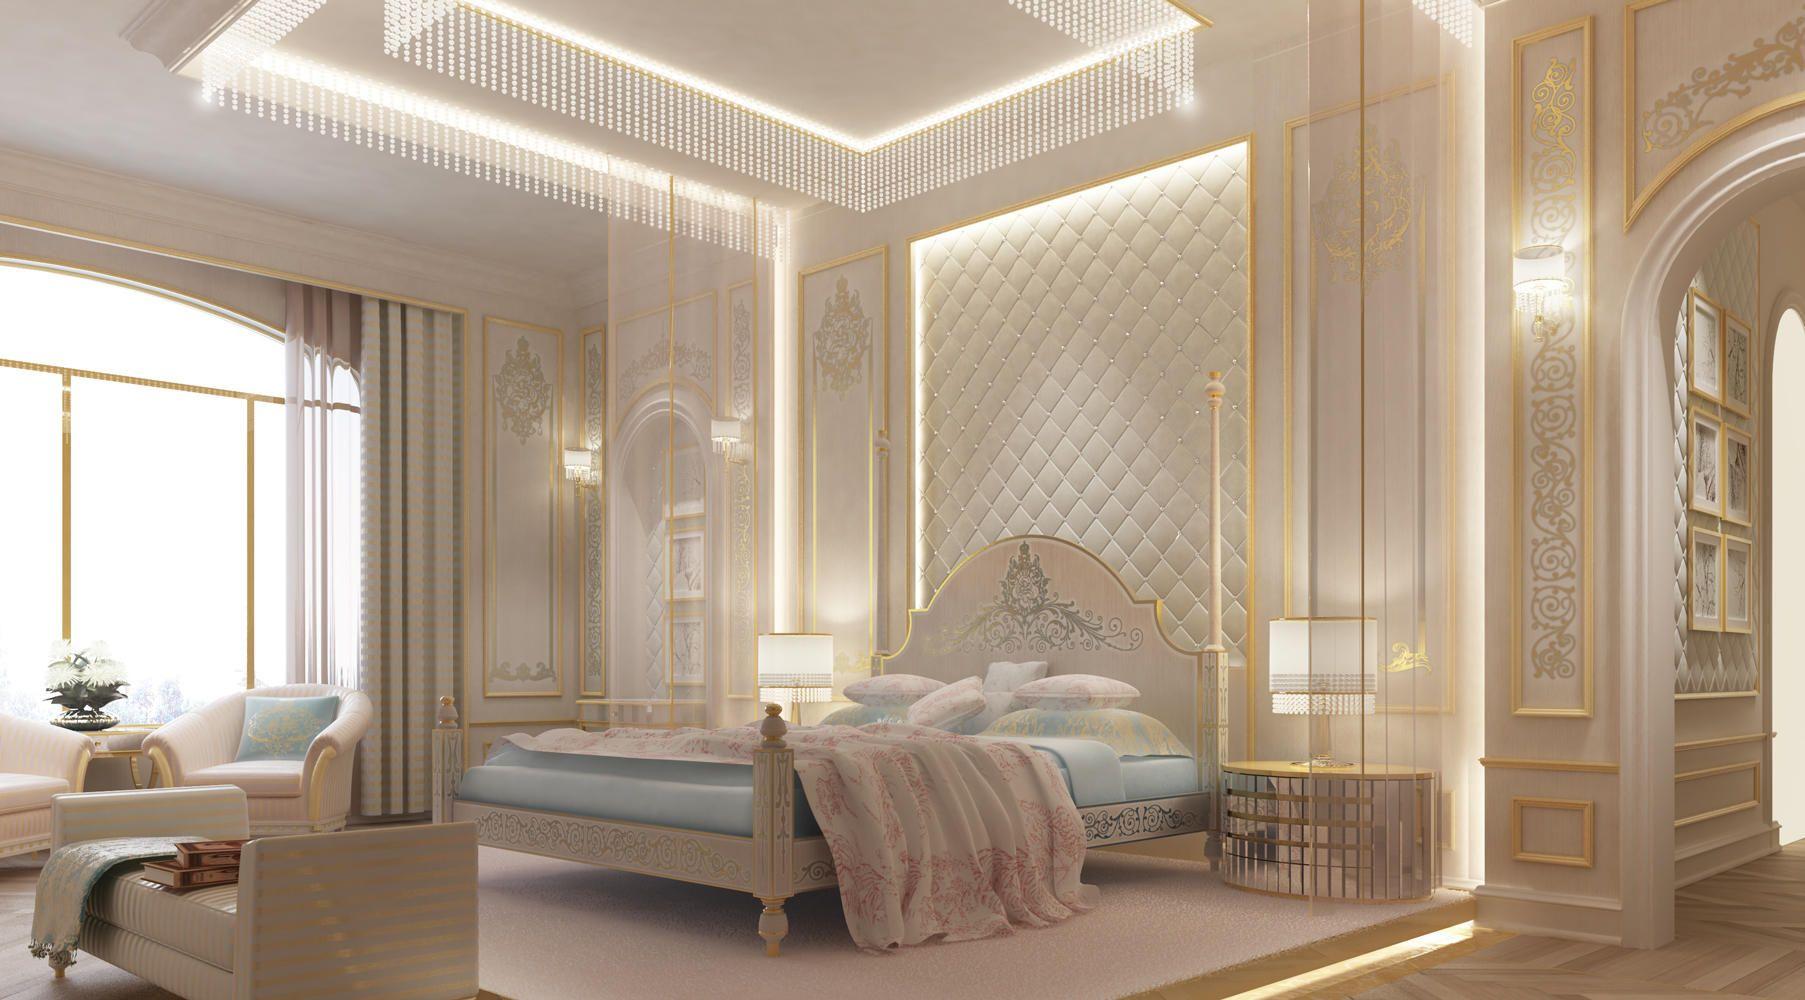 dubai bedroom  BedroomDesignAbuDhabipalacejpg  d